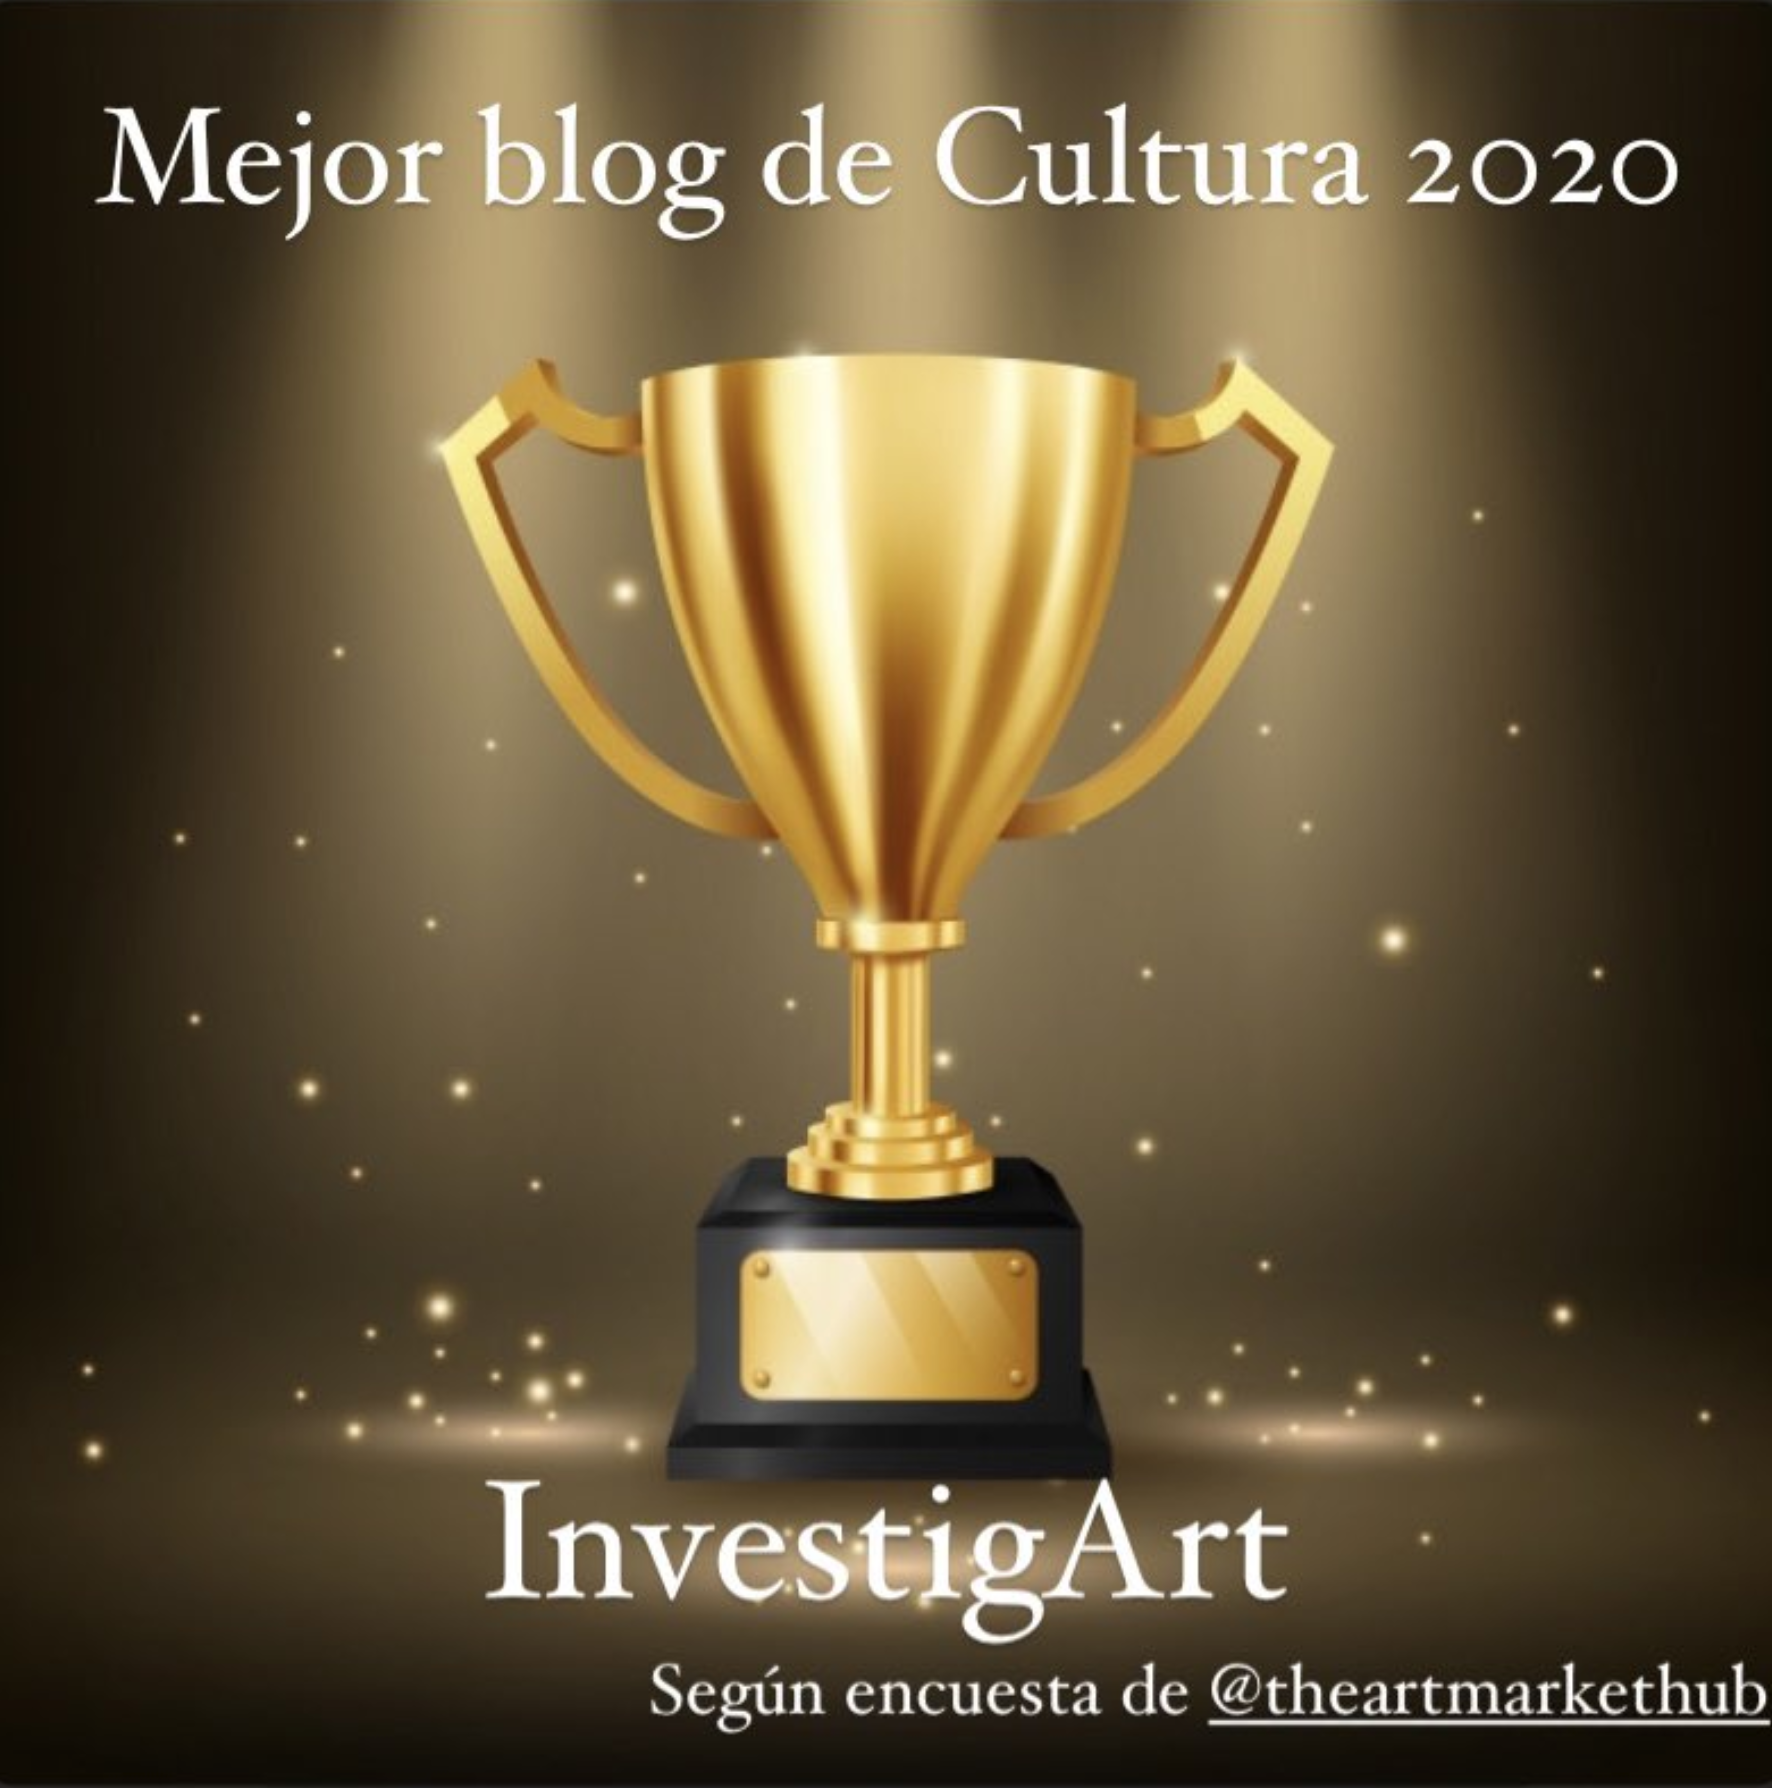 InvestigArt: Mejor blog de Cultura 2020